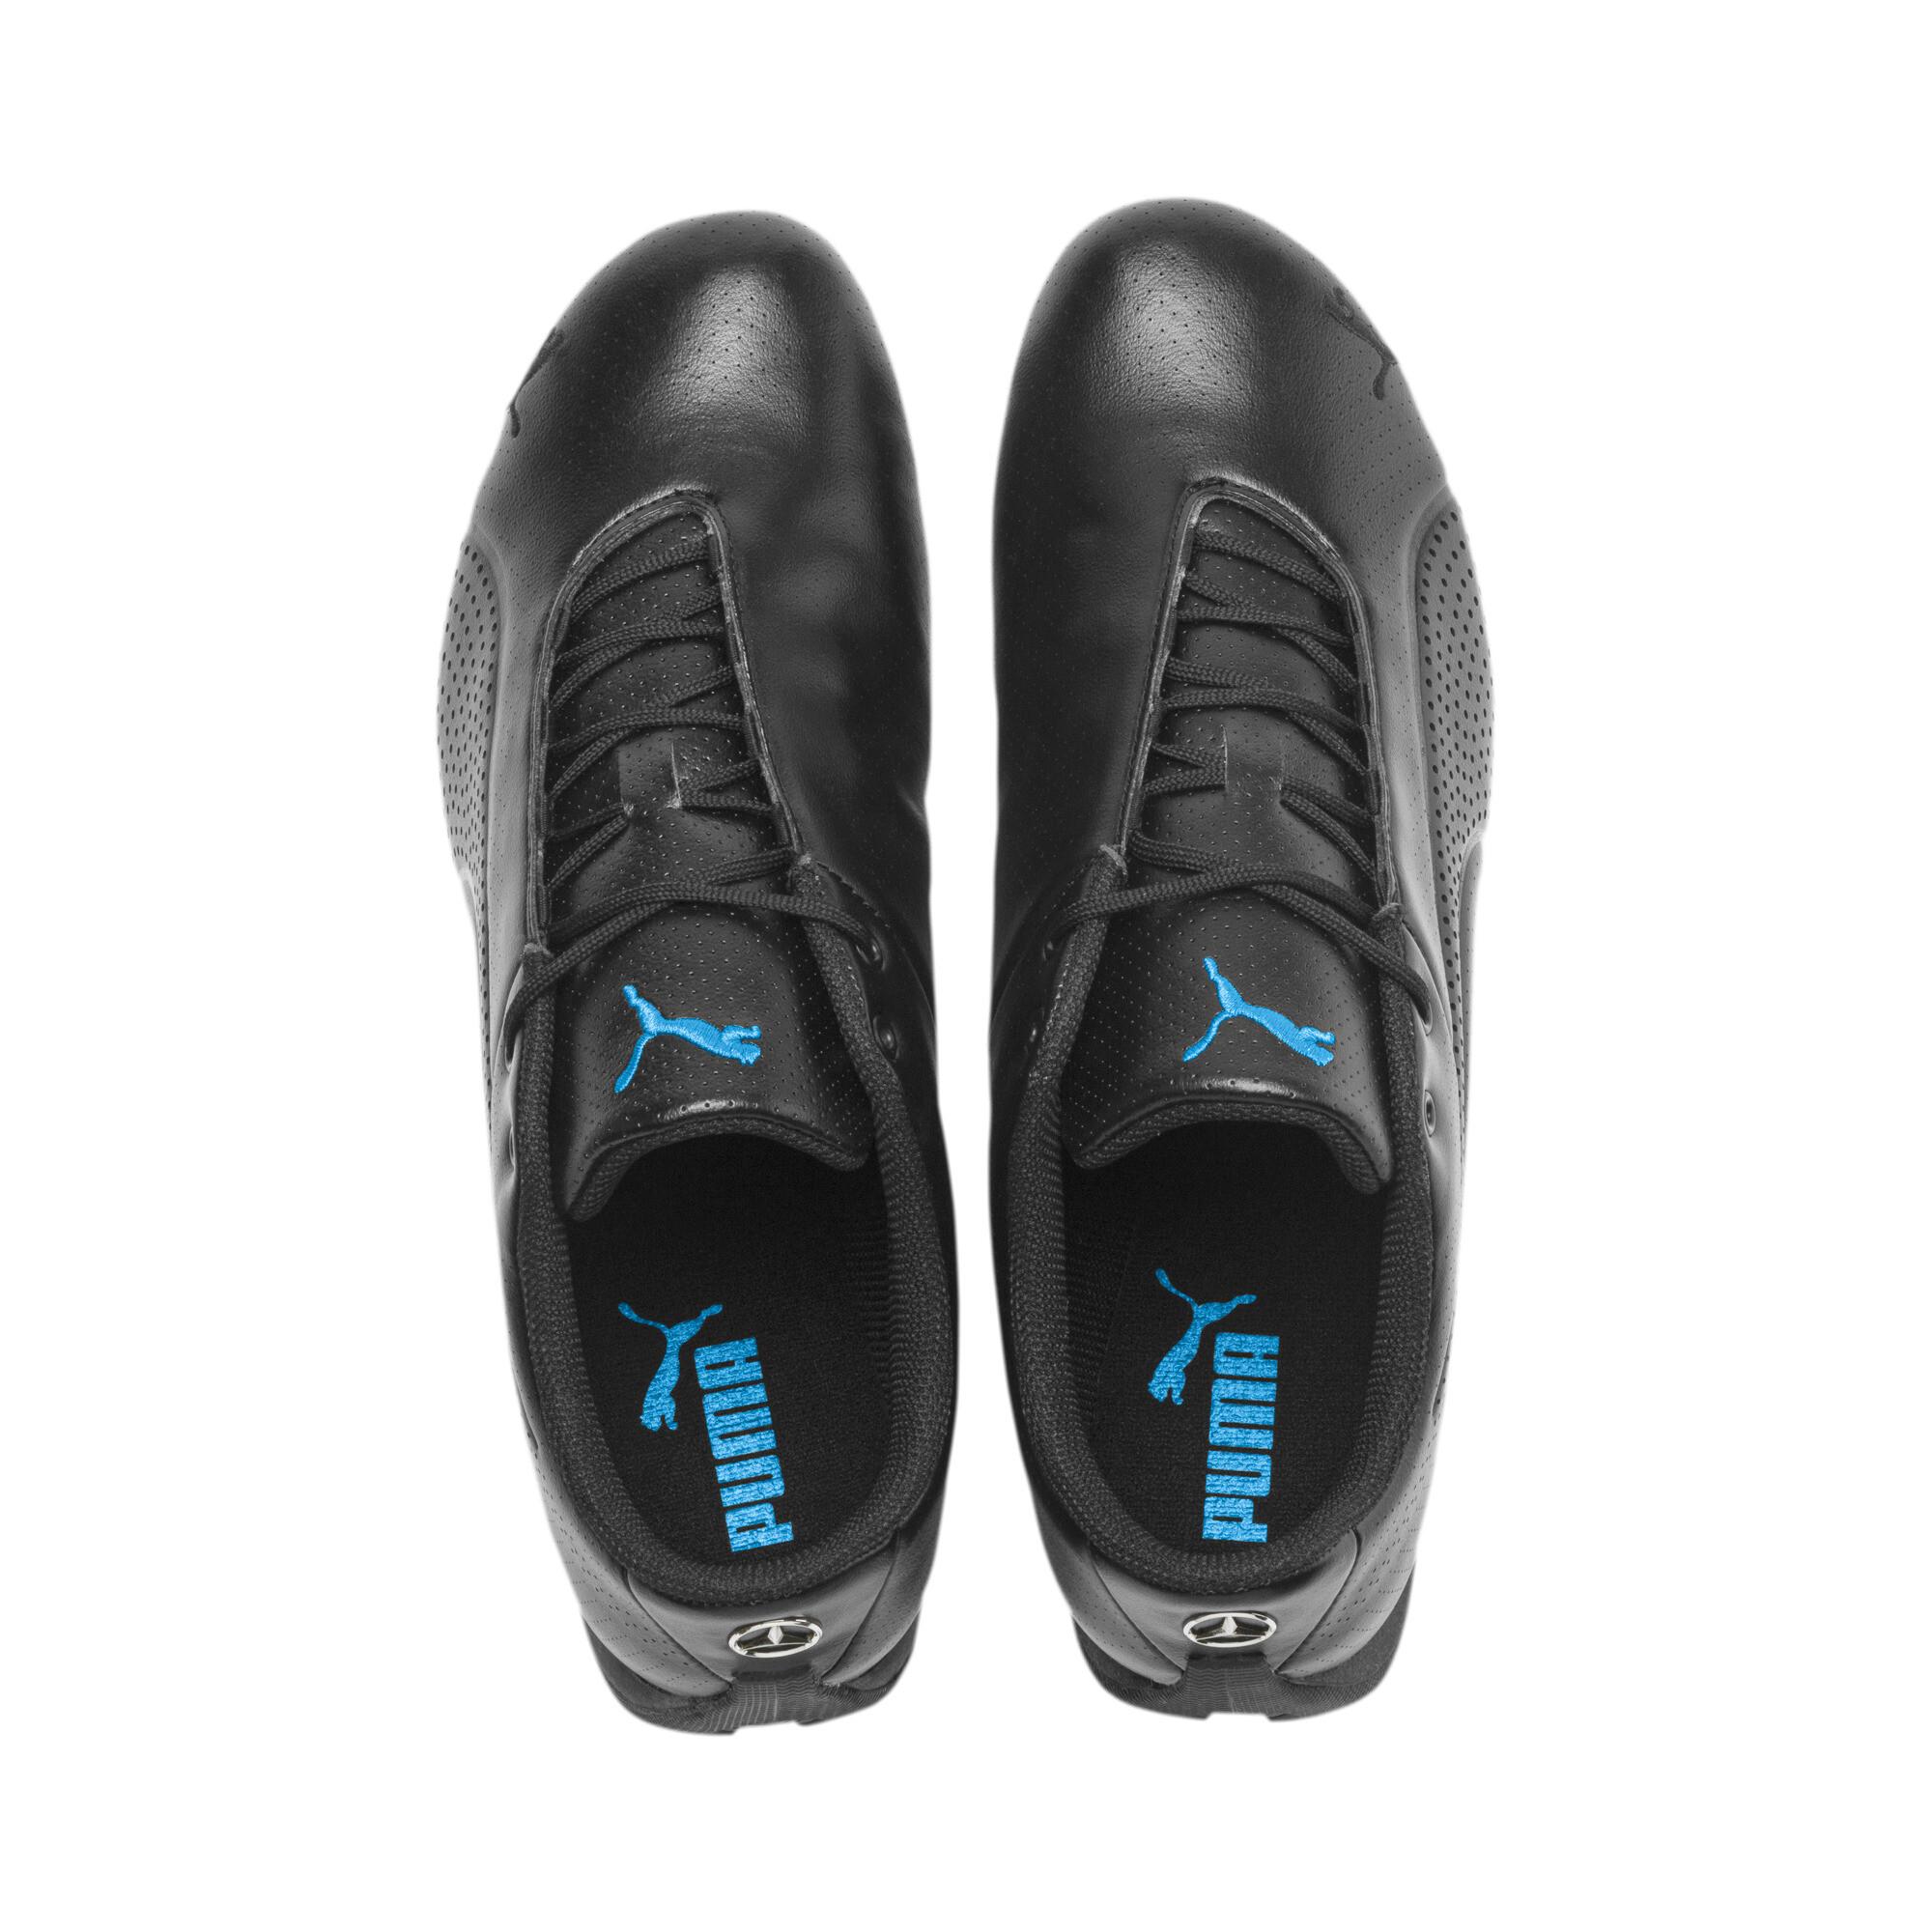 Indexbild 12 - PUMA MERCEDES AMG PETRONAS Future Cat Ultra Sneaker Unisex Schuhe Neu